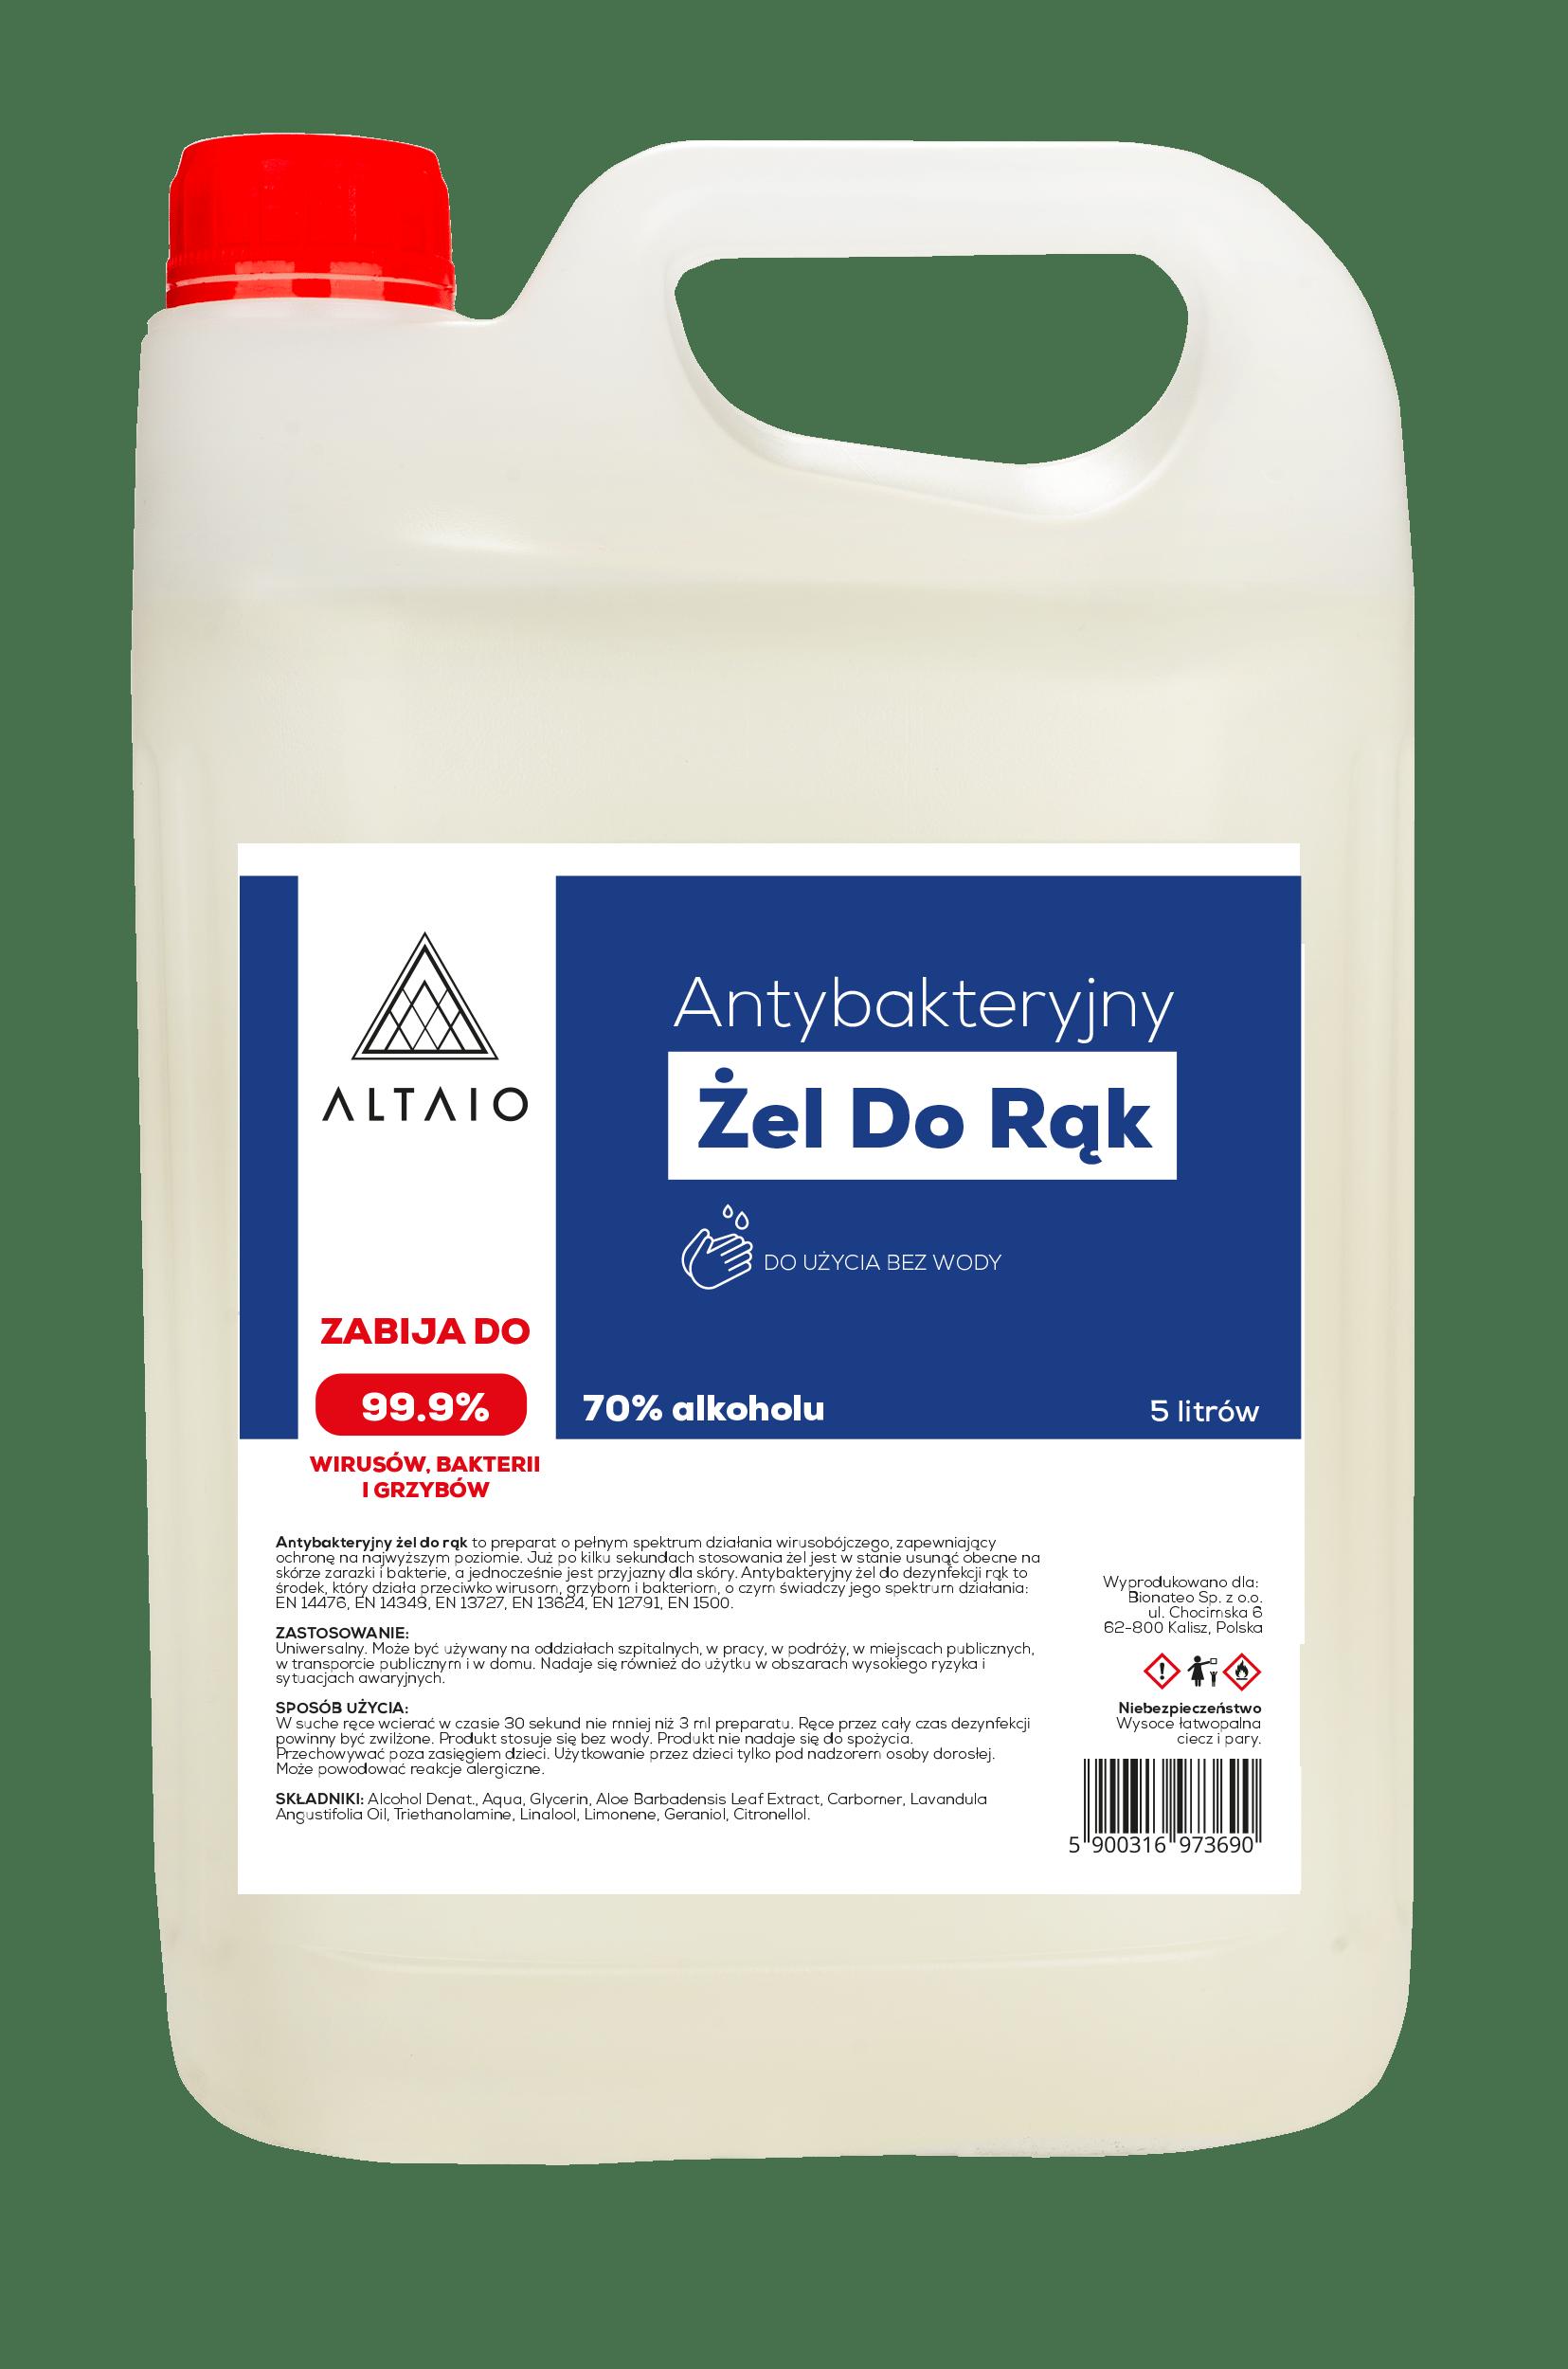 ALTAIO Antybakteryjny żel do rąk 5L